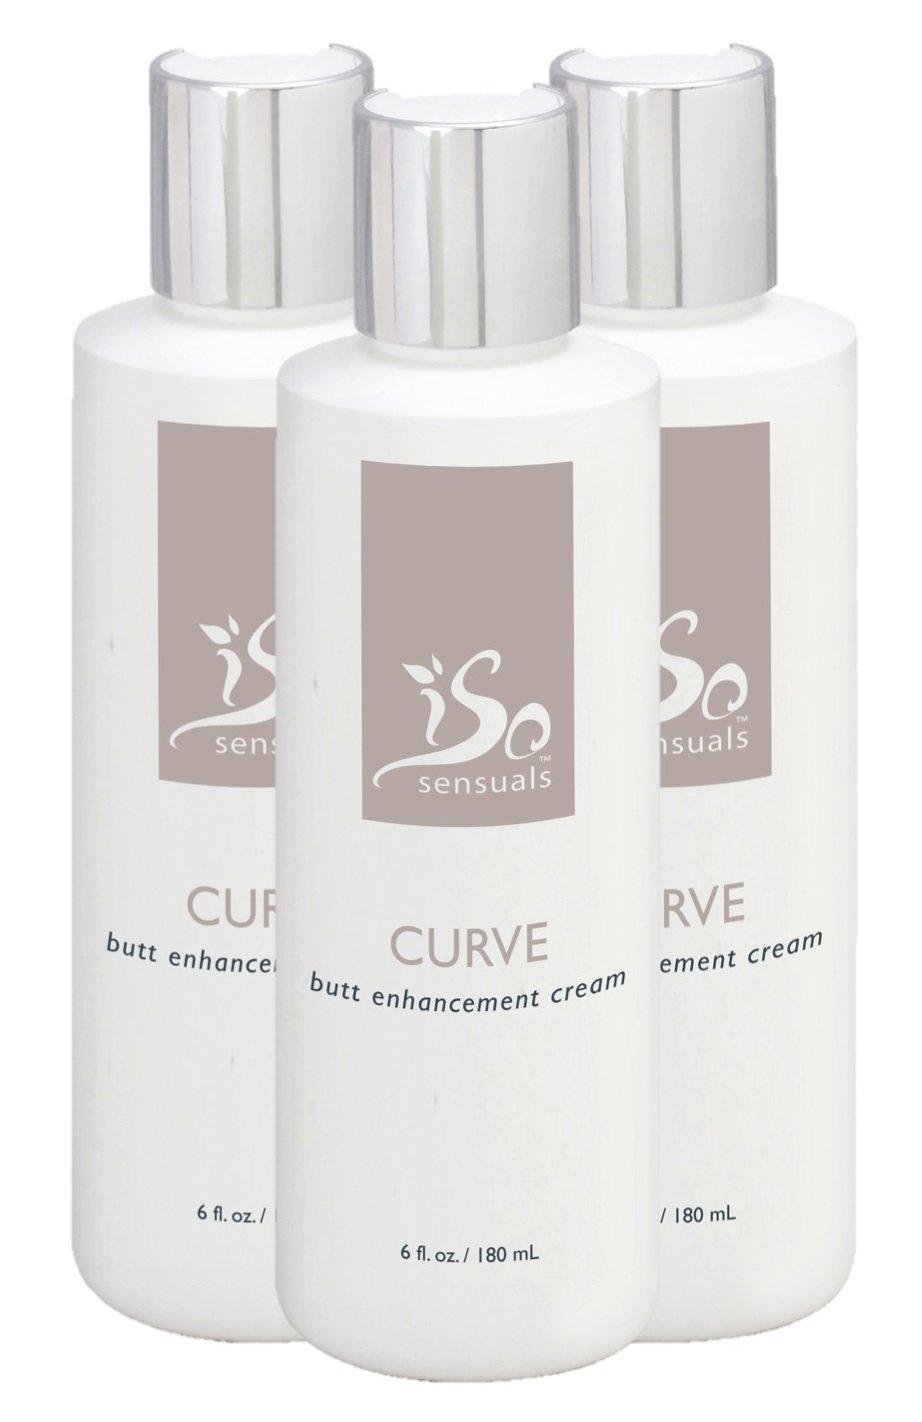 IsoSensuals CURVE | Butt Enhancement Cream - 3 Bottles